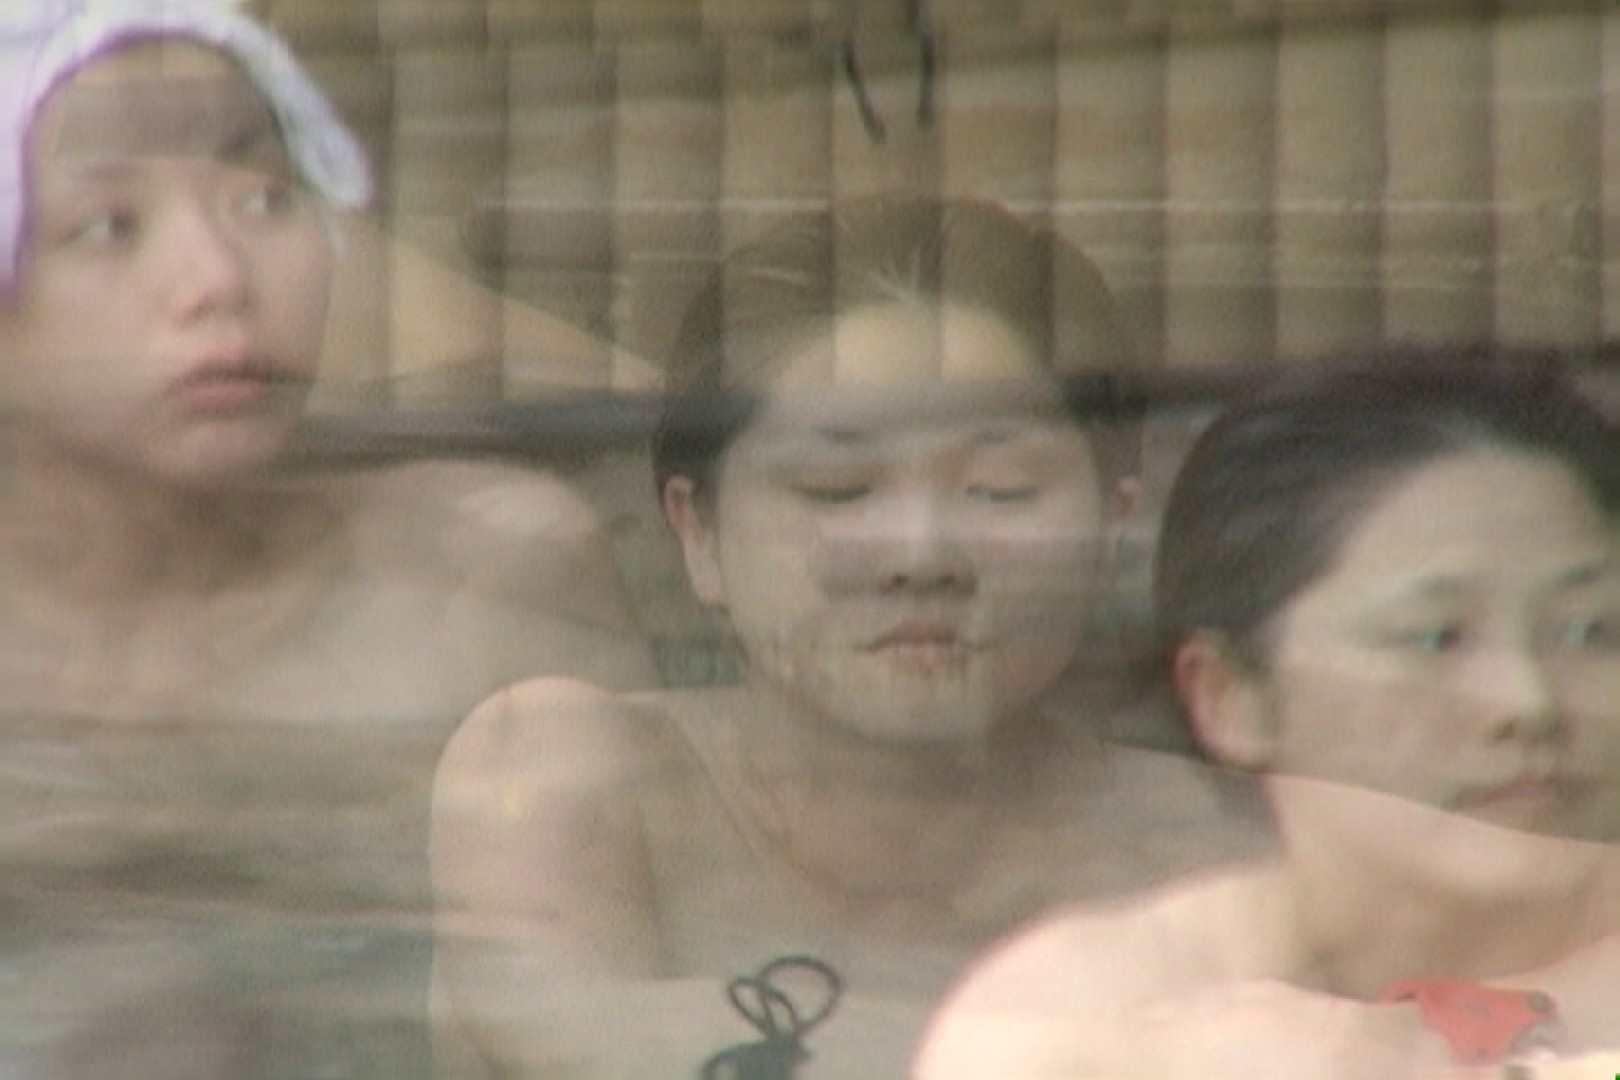 Aquaな露天風呂Vol.630 OLエロ画像  110PICs 12